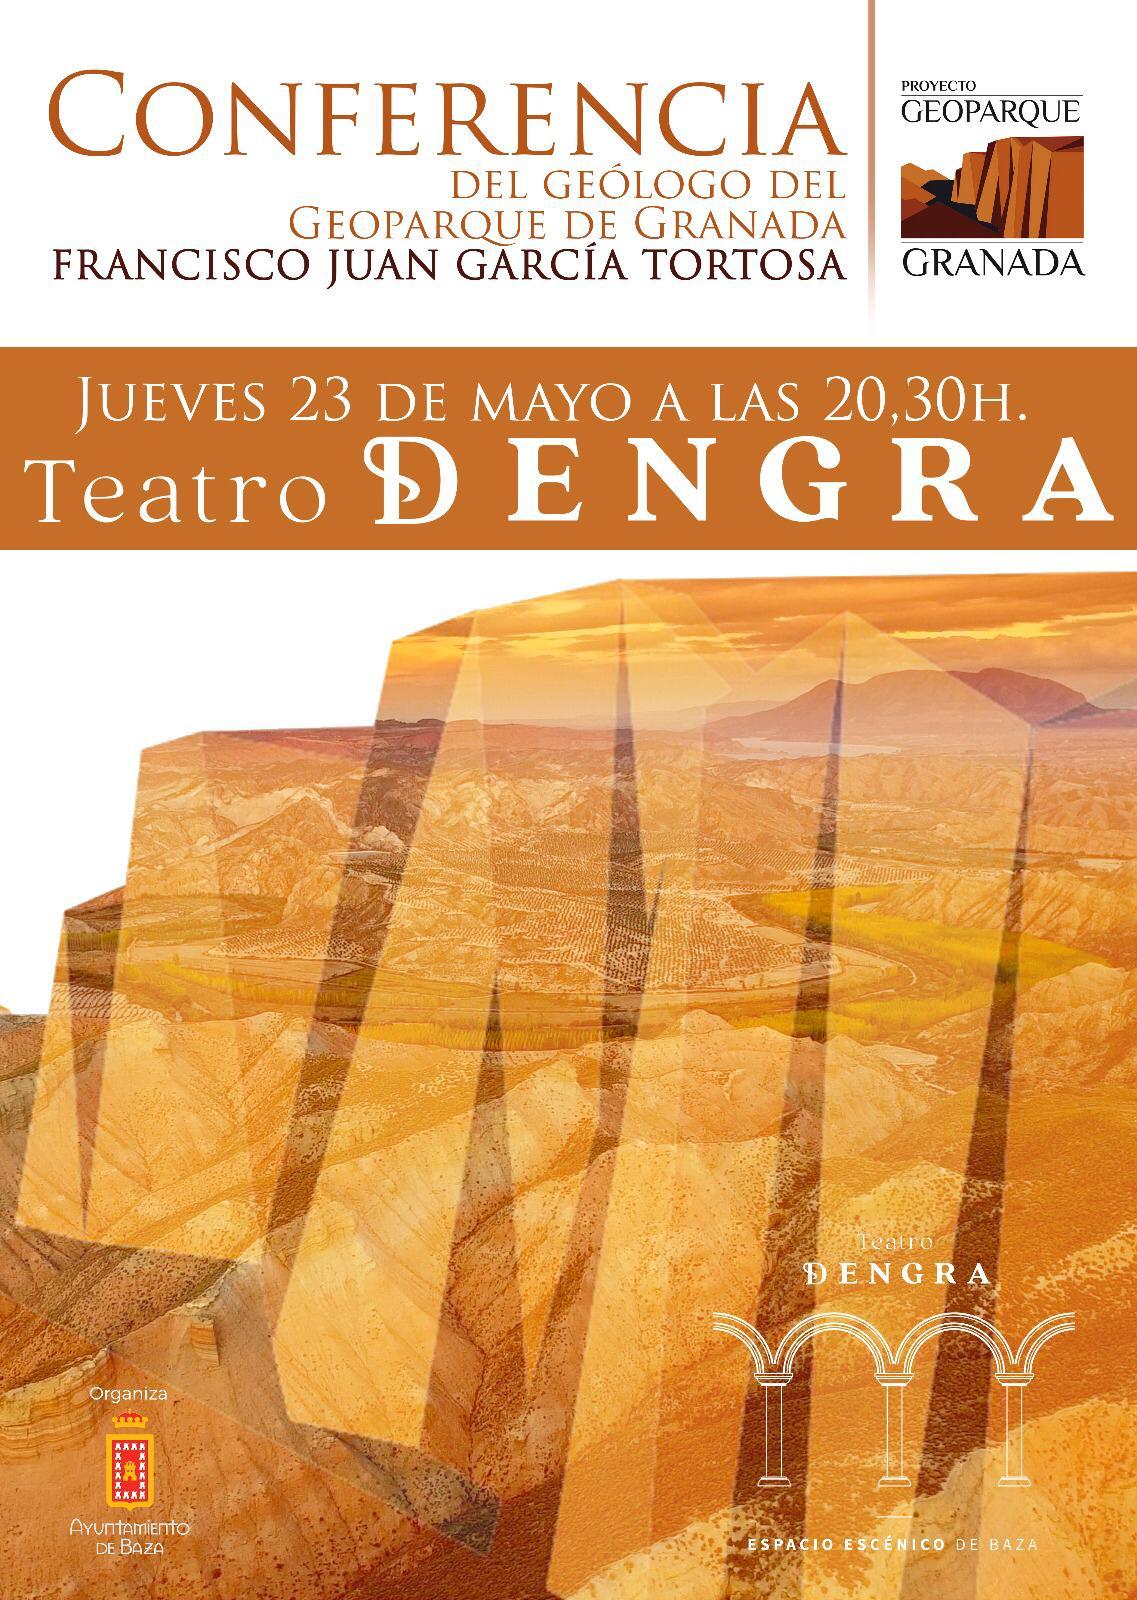 Conferencia del Geoparque de Granada en Baza